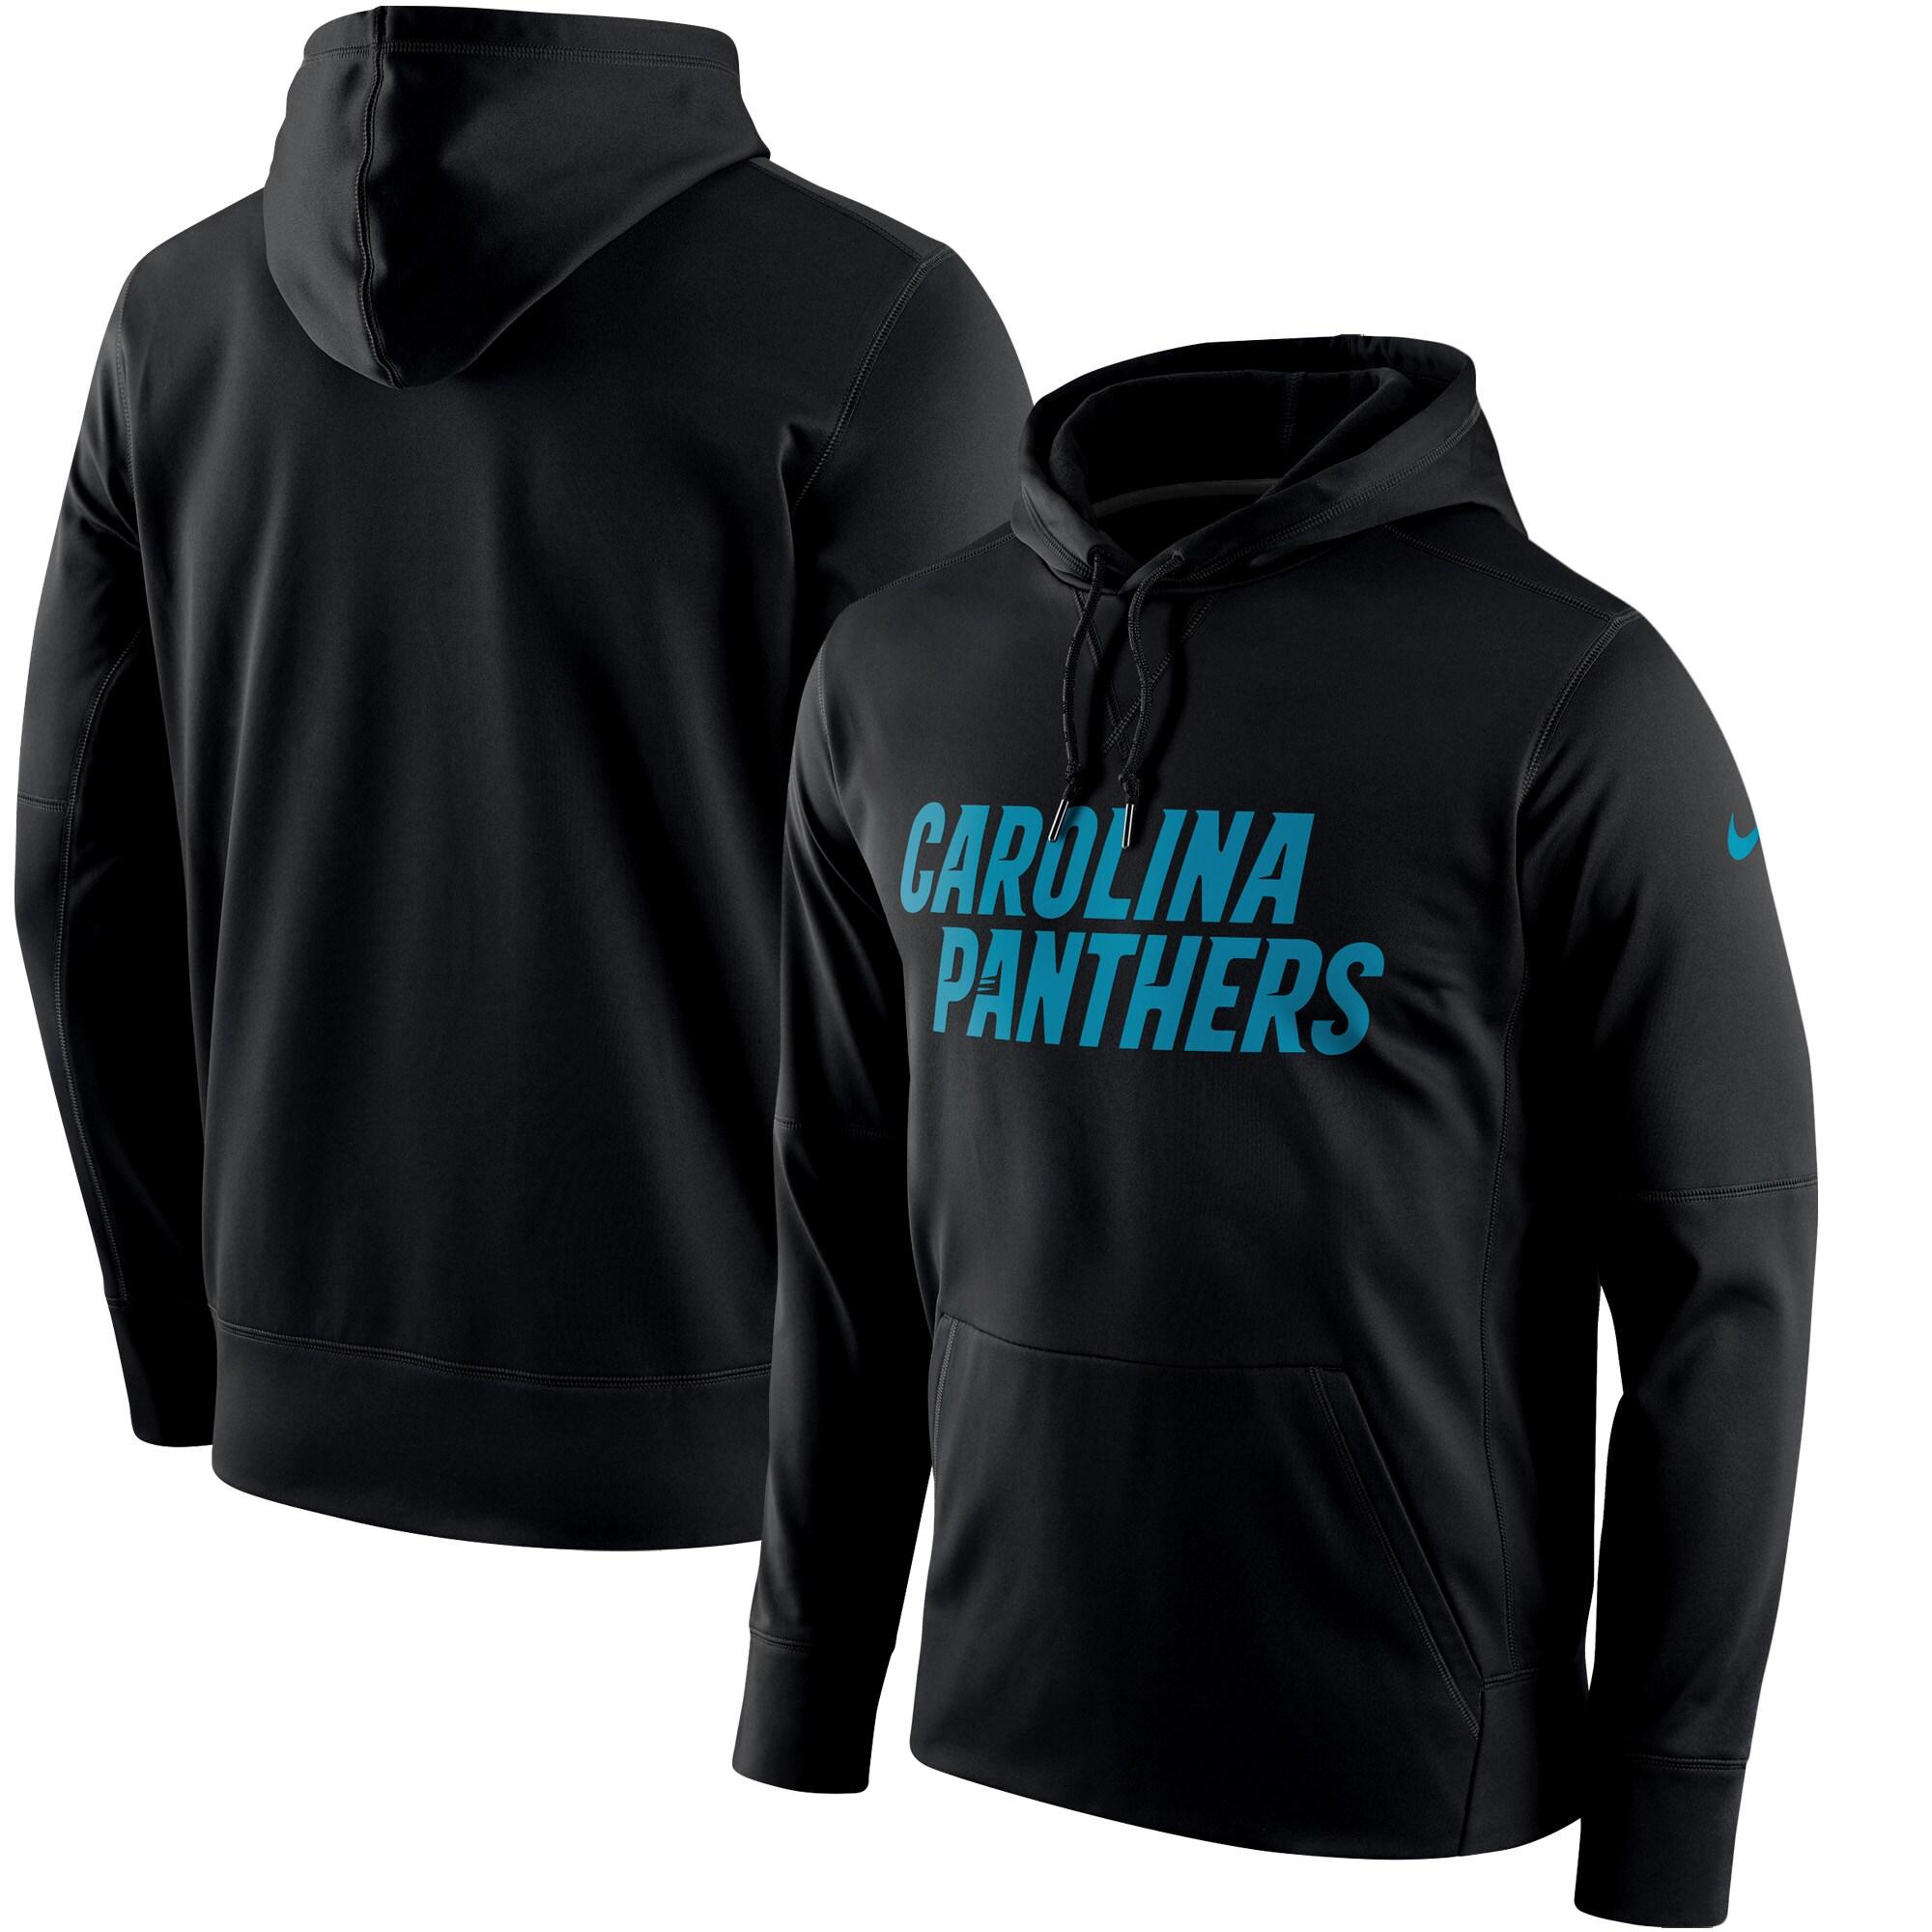 Carolina Panthers Nike Circuit Wordmark Essential Performance Pullover Hoodie - Black